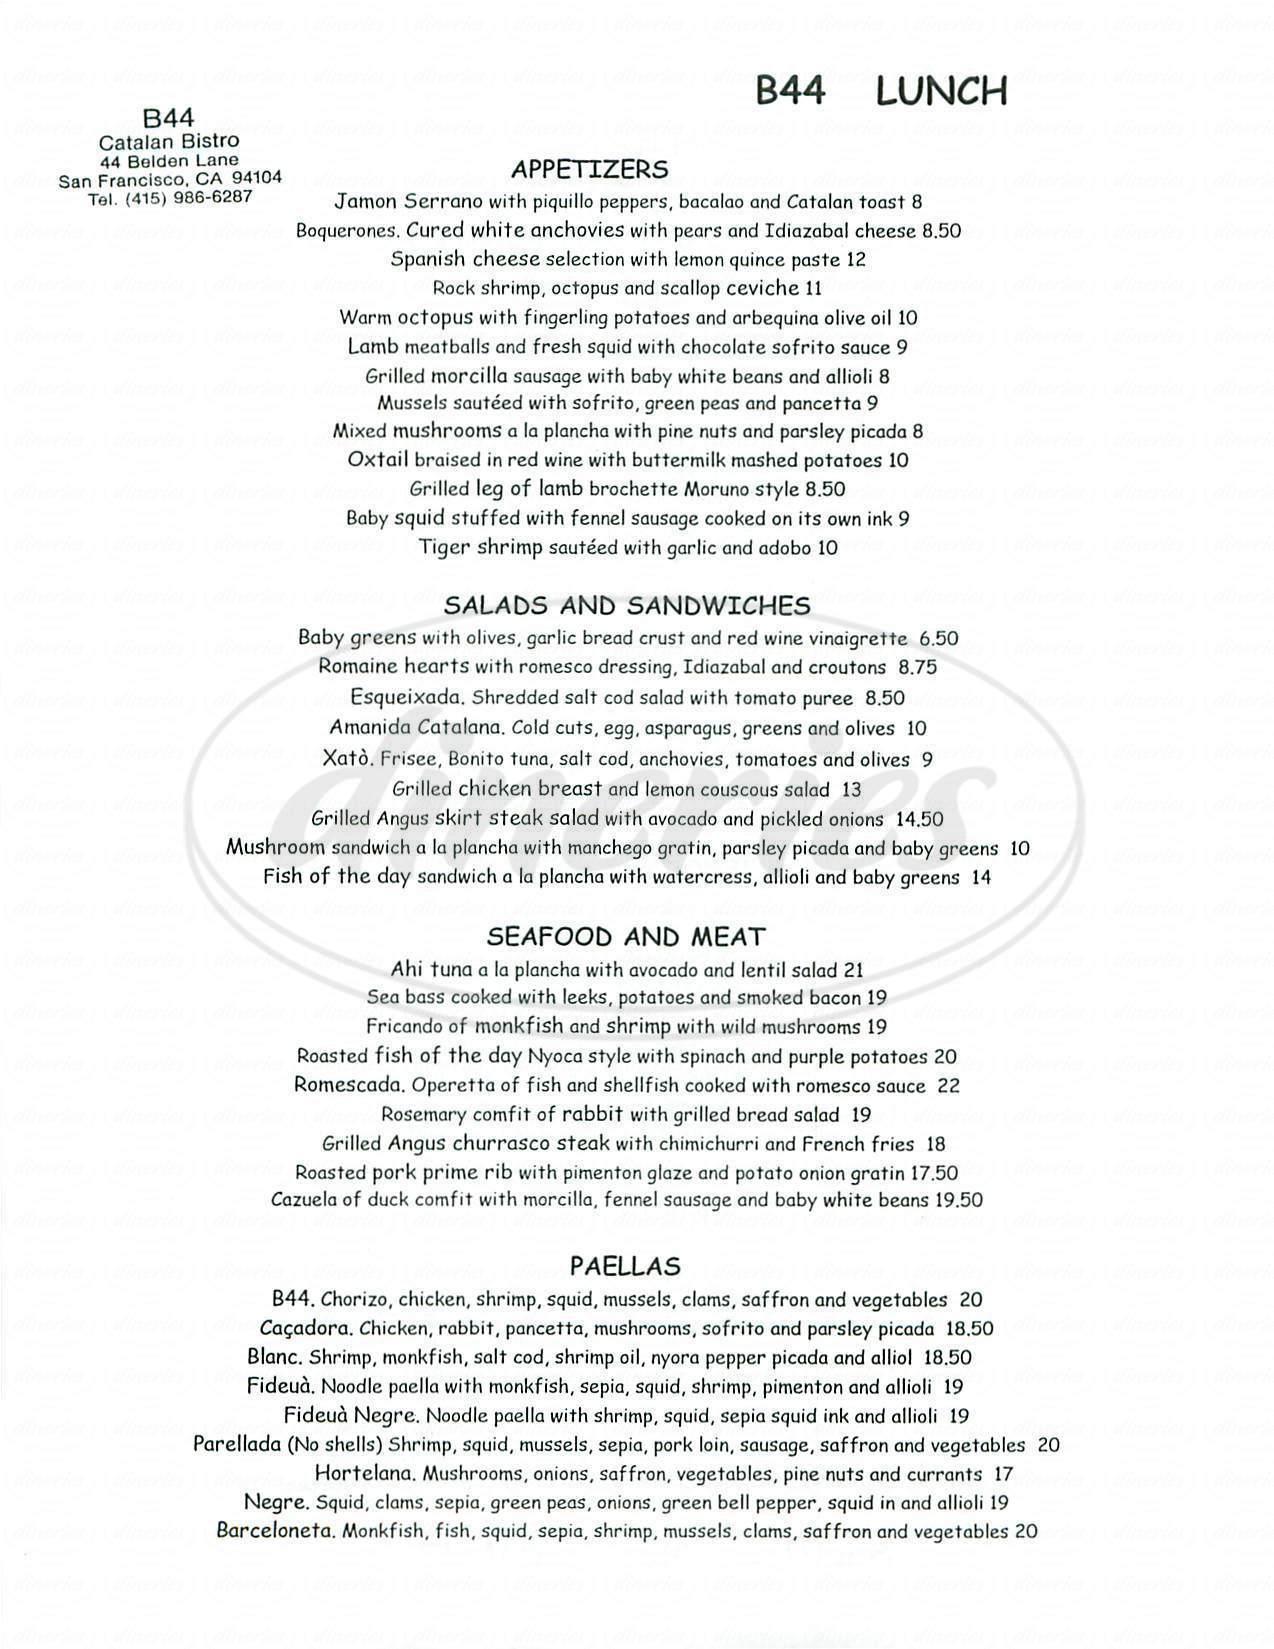 menu for B44